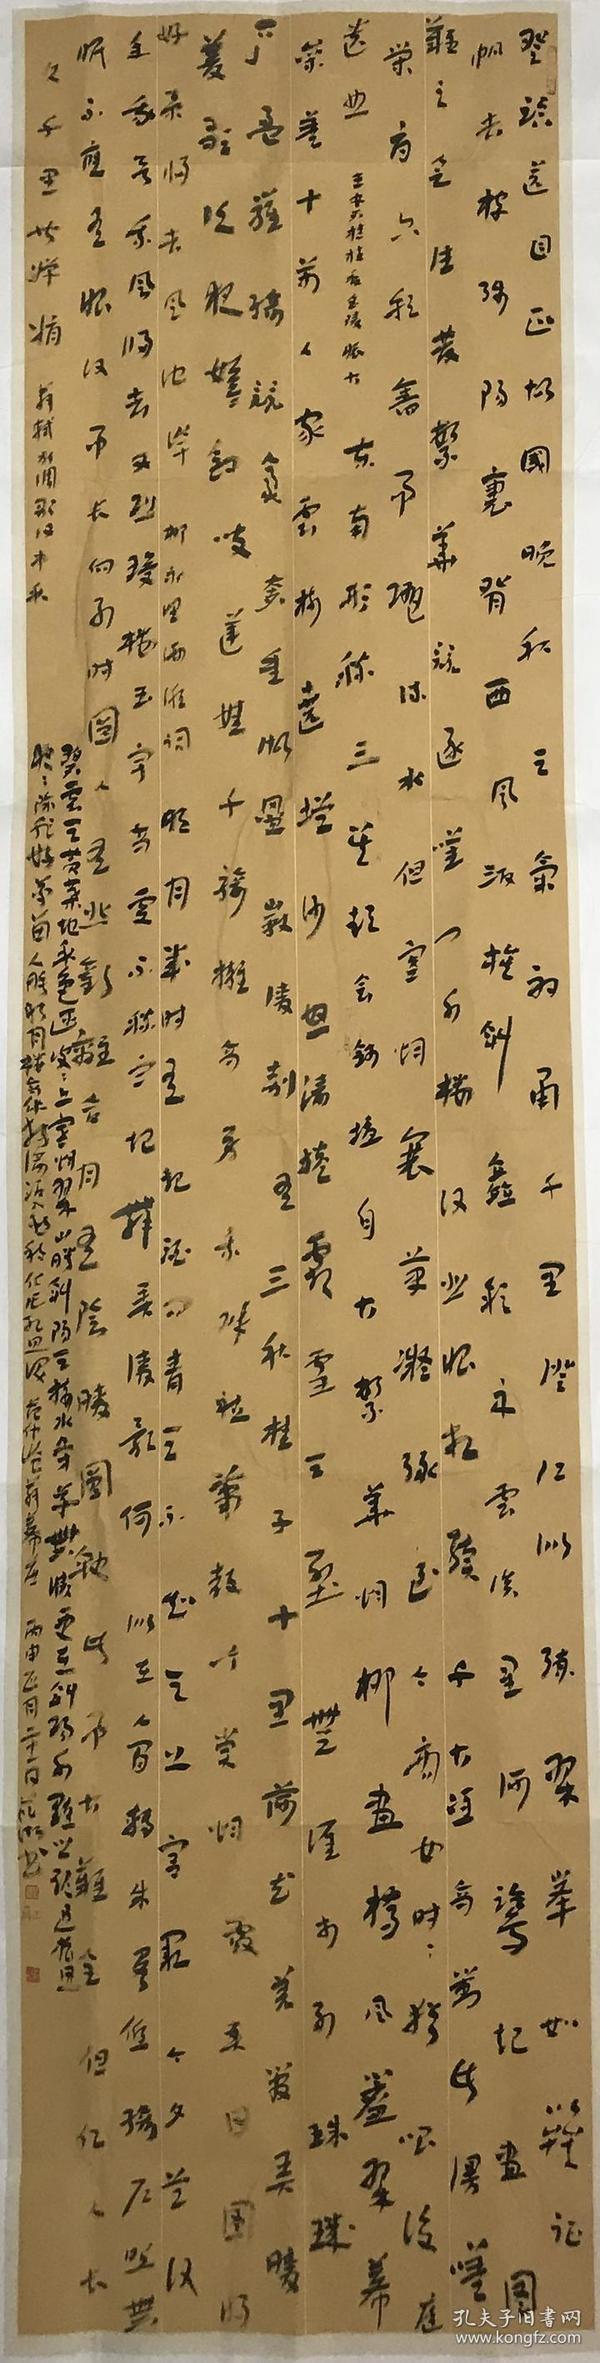 【來自書畫家本人 保真】【薛衛精品】中國書畫報社特聘書法家、中國書法研究院藝術委員會會員,中國書法家協會會員 書法6尺對開橫幅(178×46cm)。